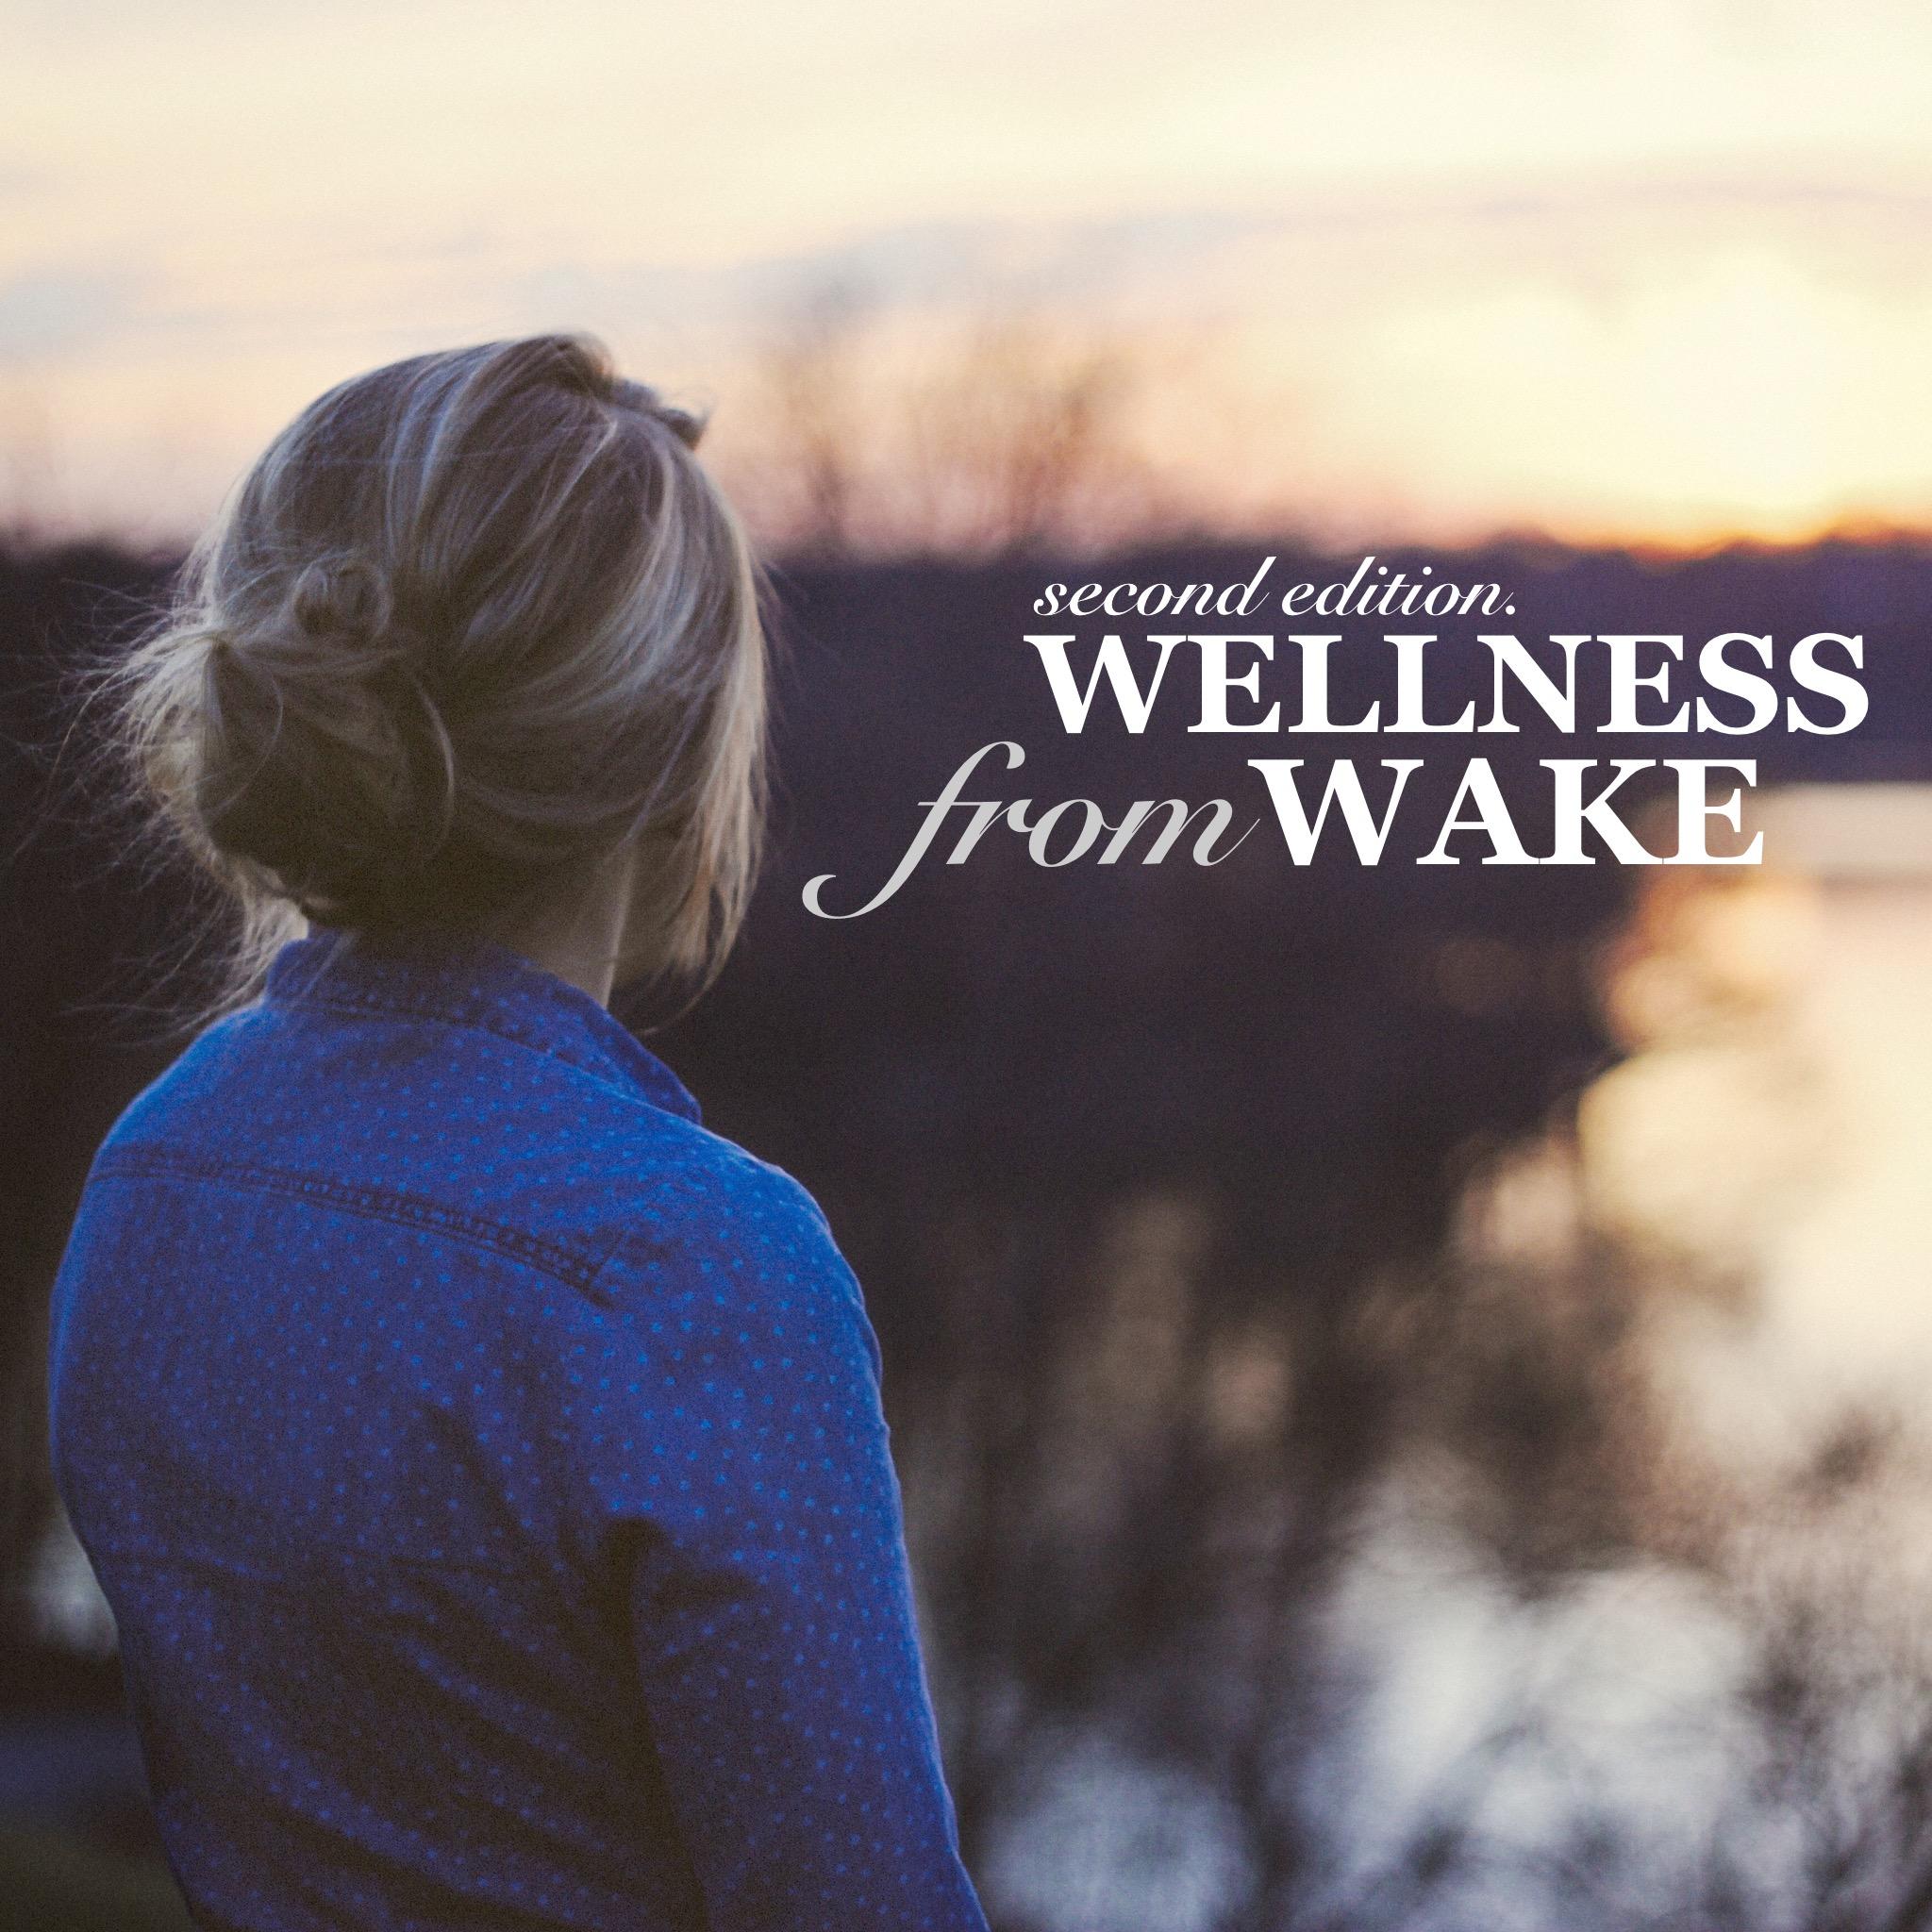 wellness-from-wake-2